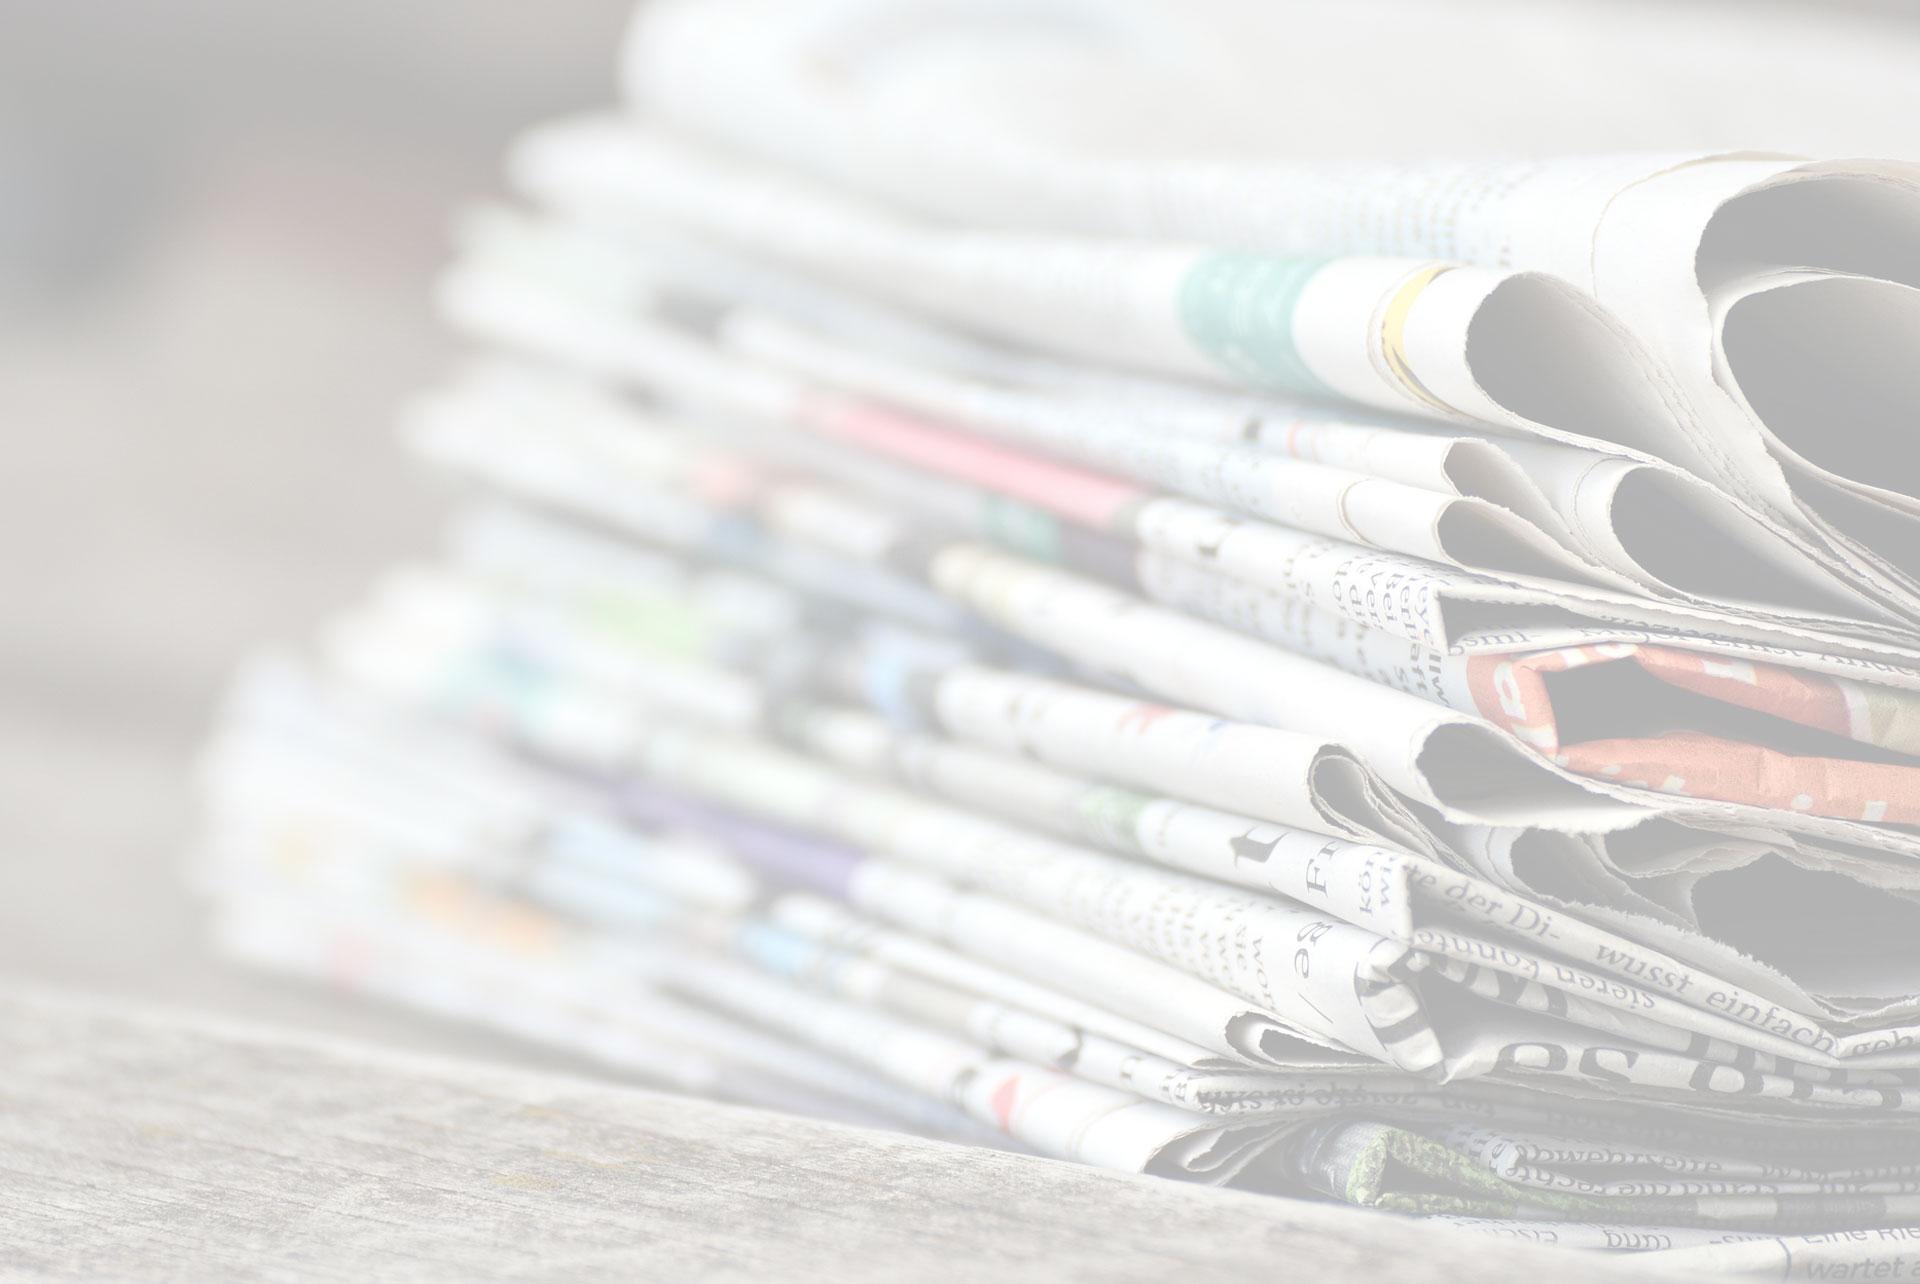 Williams 2020